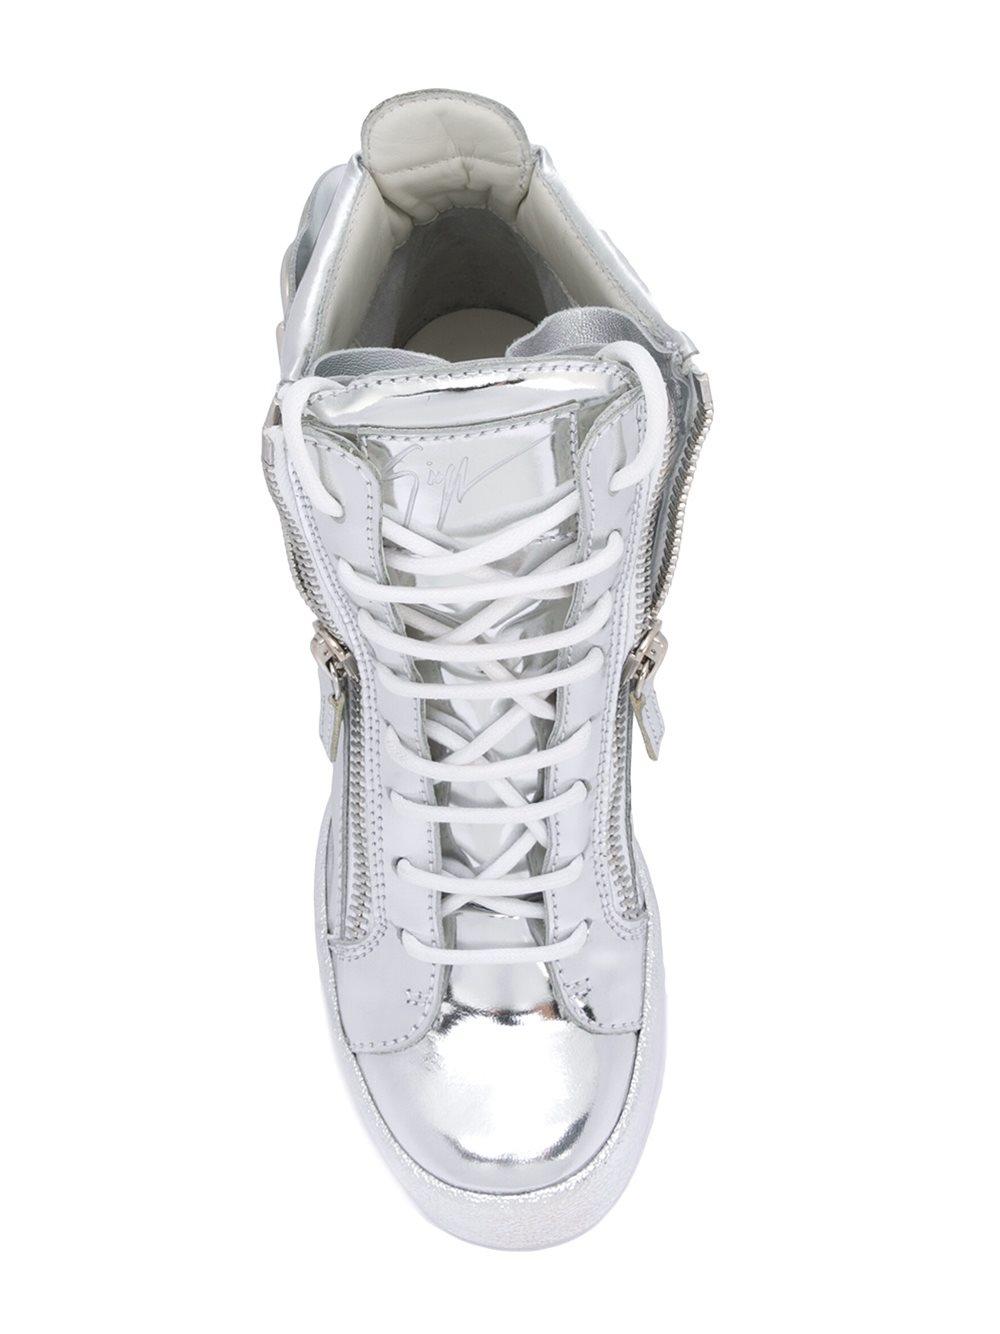 Giuseppe Zanotti Leather 'cruel' Wedge Sneakers in Metallic